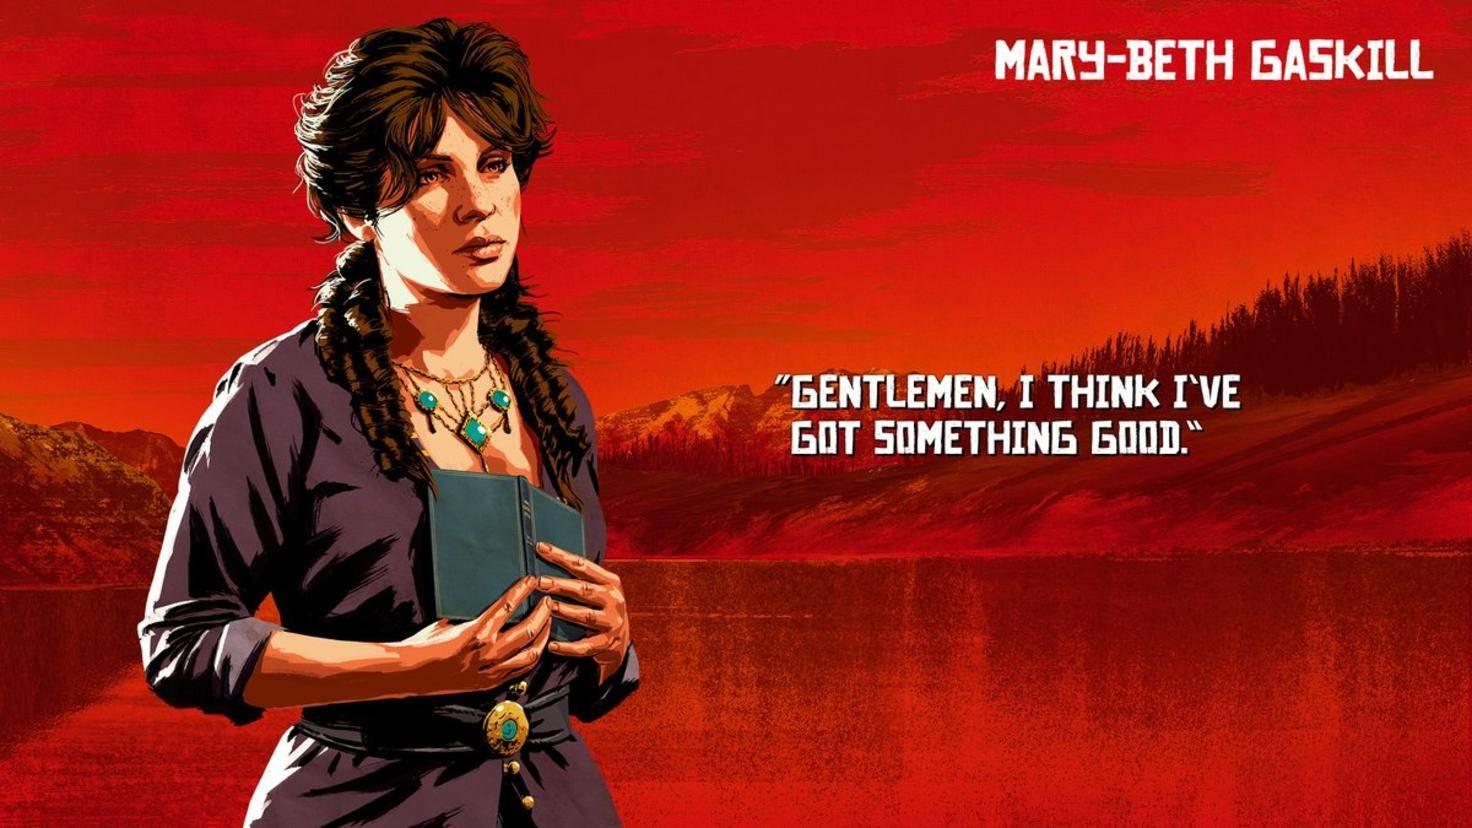 Mary-Beth Gaskill